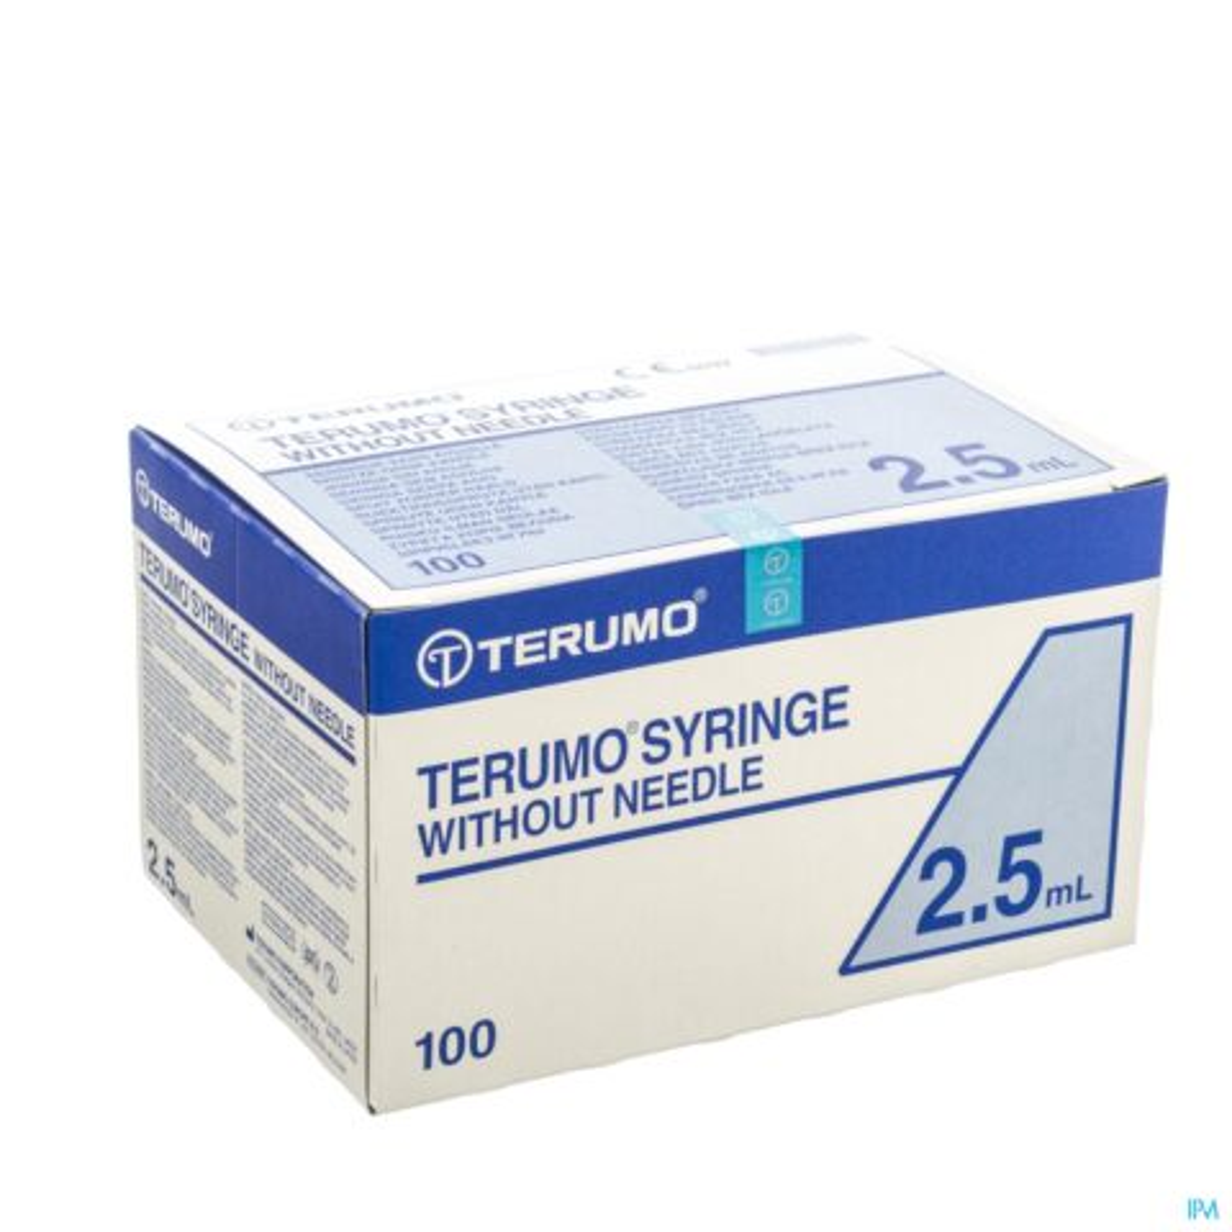 TERUMO SPUIT ZONDER NAALD LUER 2,5ML 100